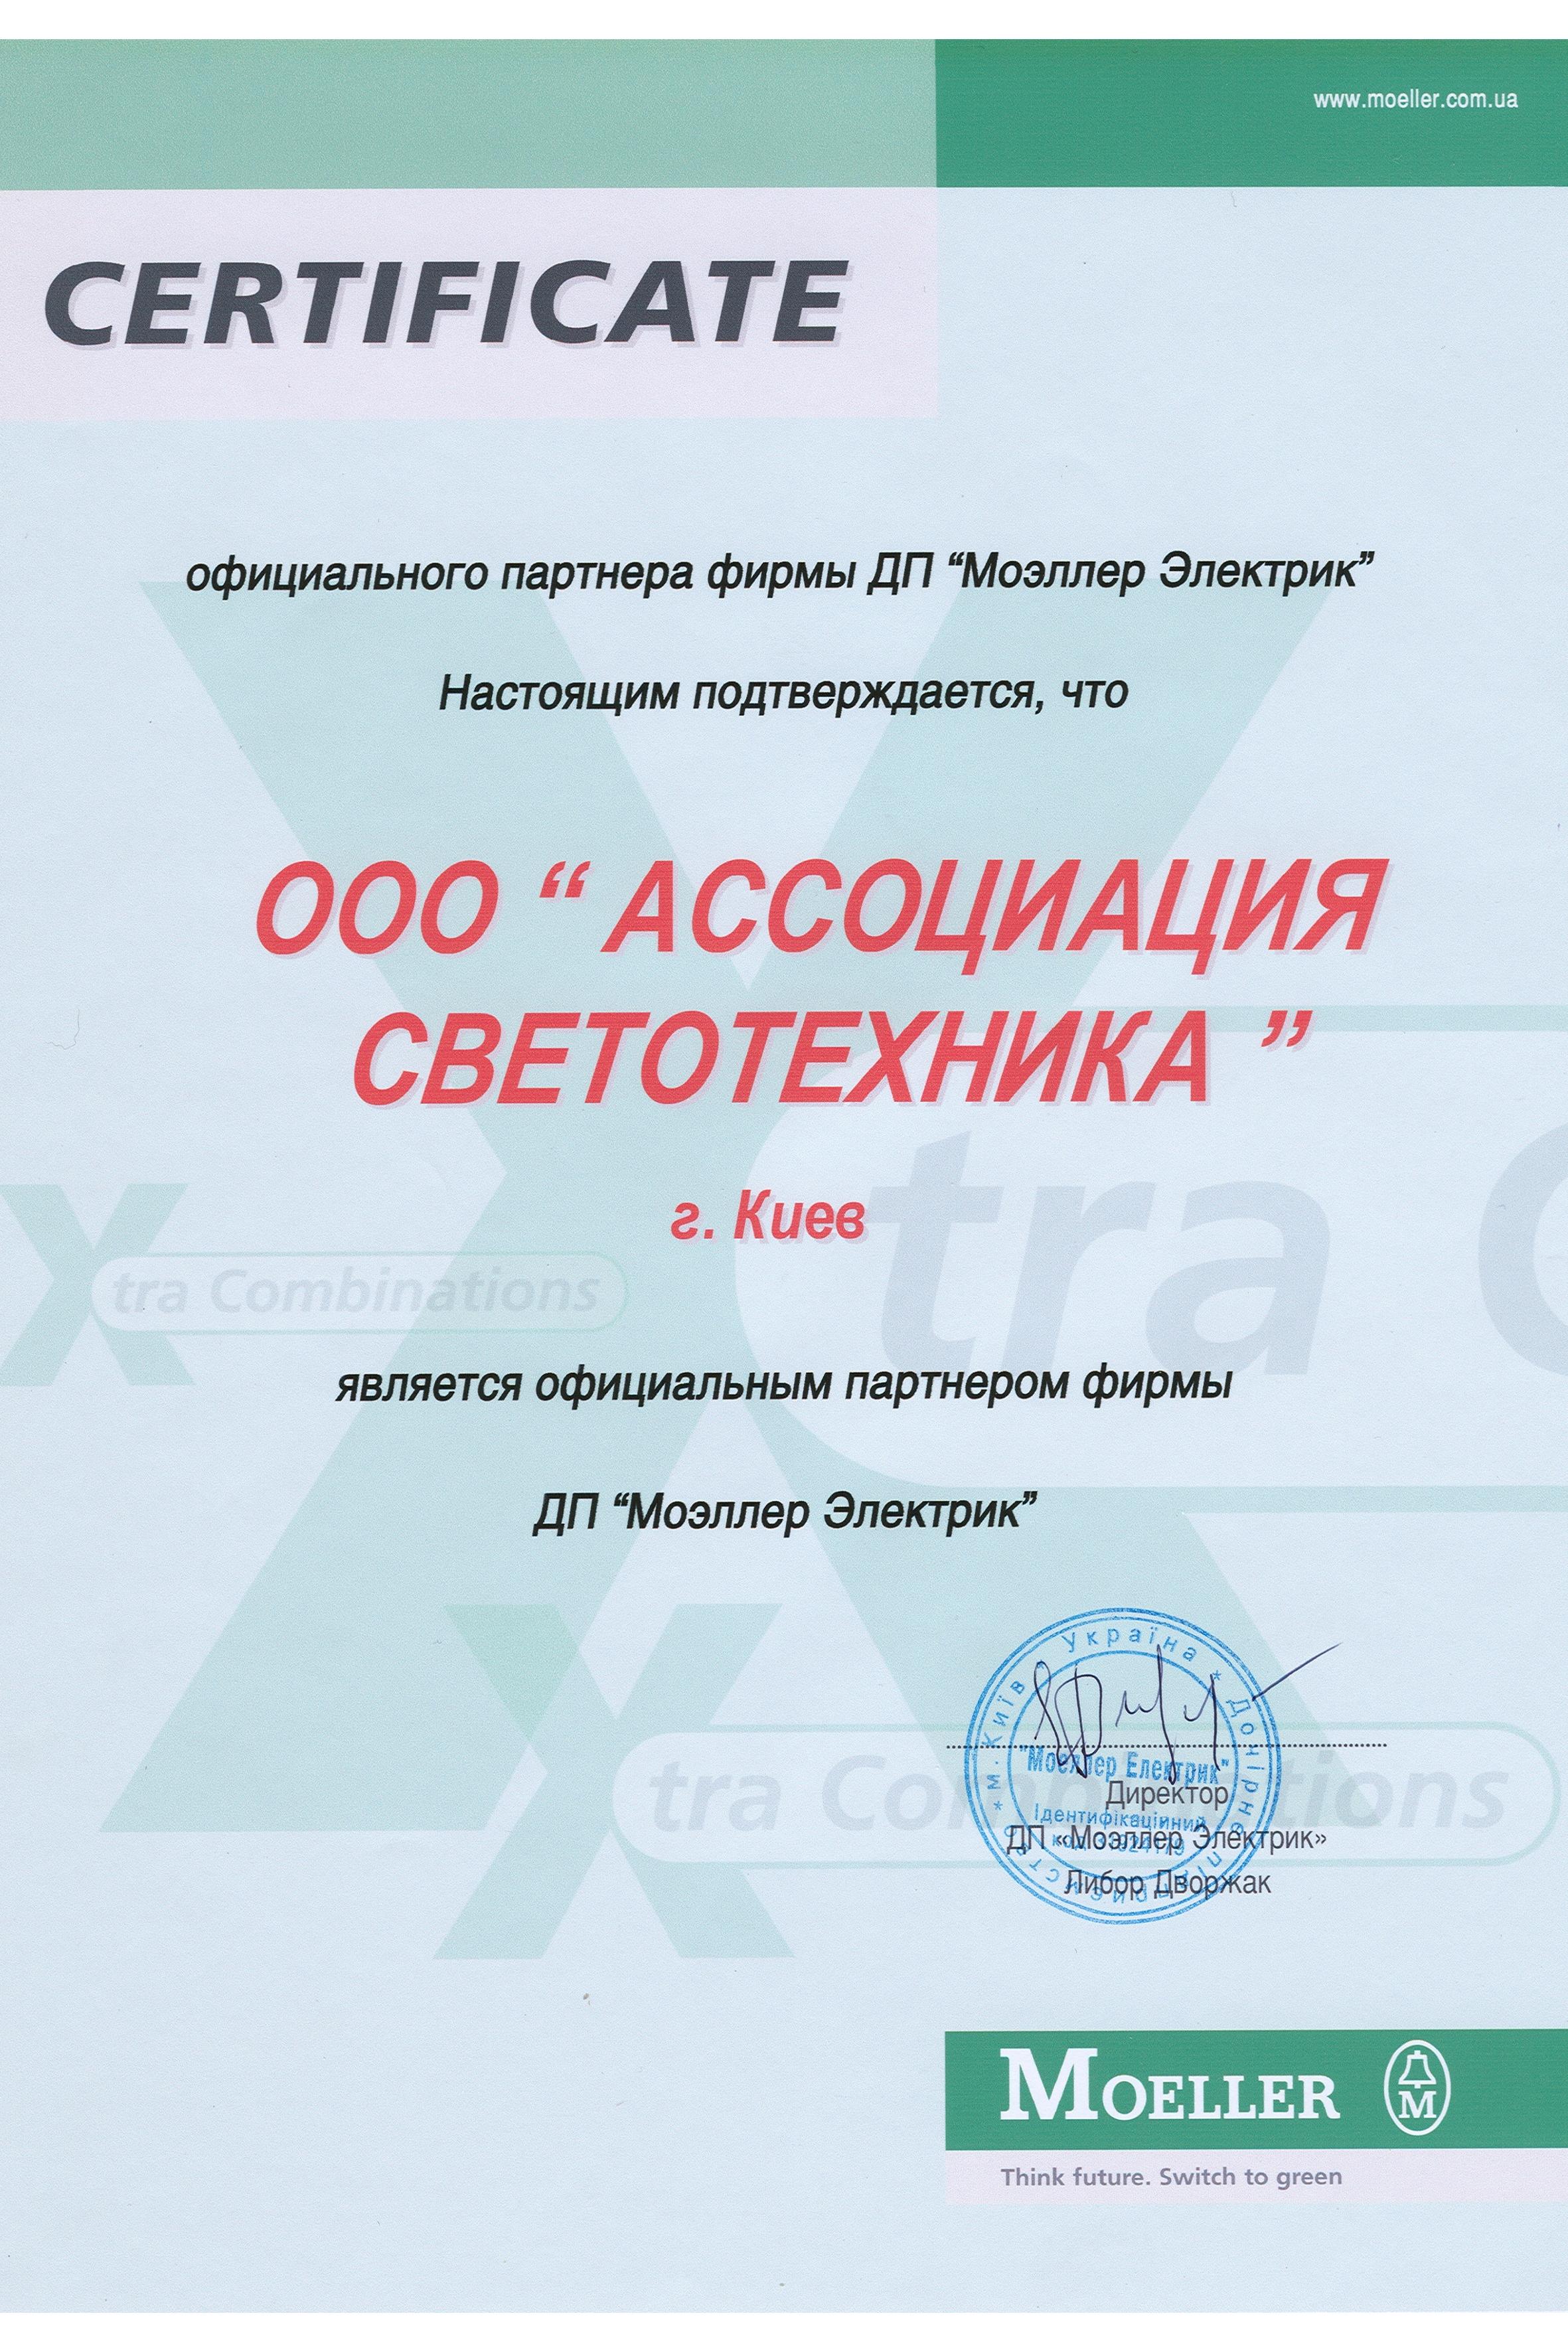 """Sertificate офіційного партнера фірми ДП """"Моеллер Електрик"""" підтверджується, що компанія Світлотехніка є офіційним партнером фірми ДП """"Моеллер ЕЛЕКТРИК"""", Київ, Україна"""